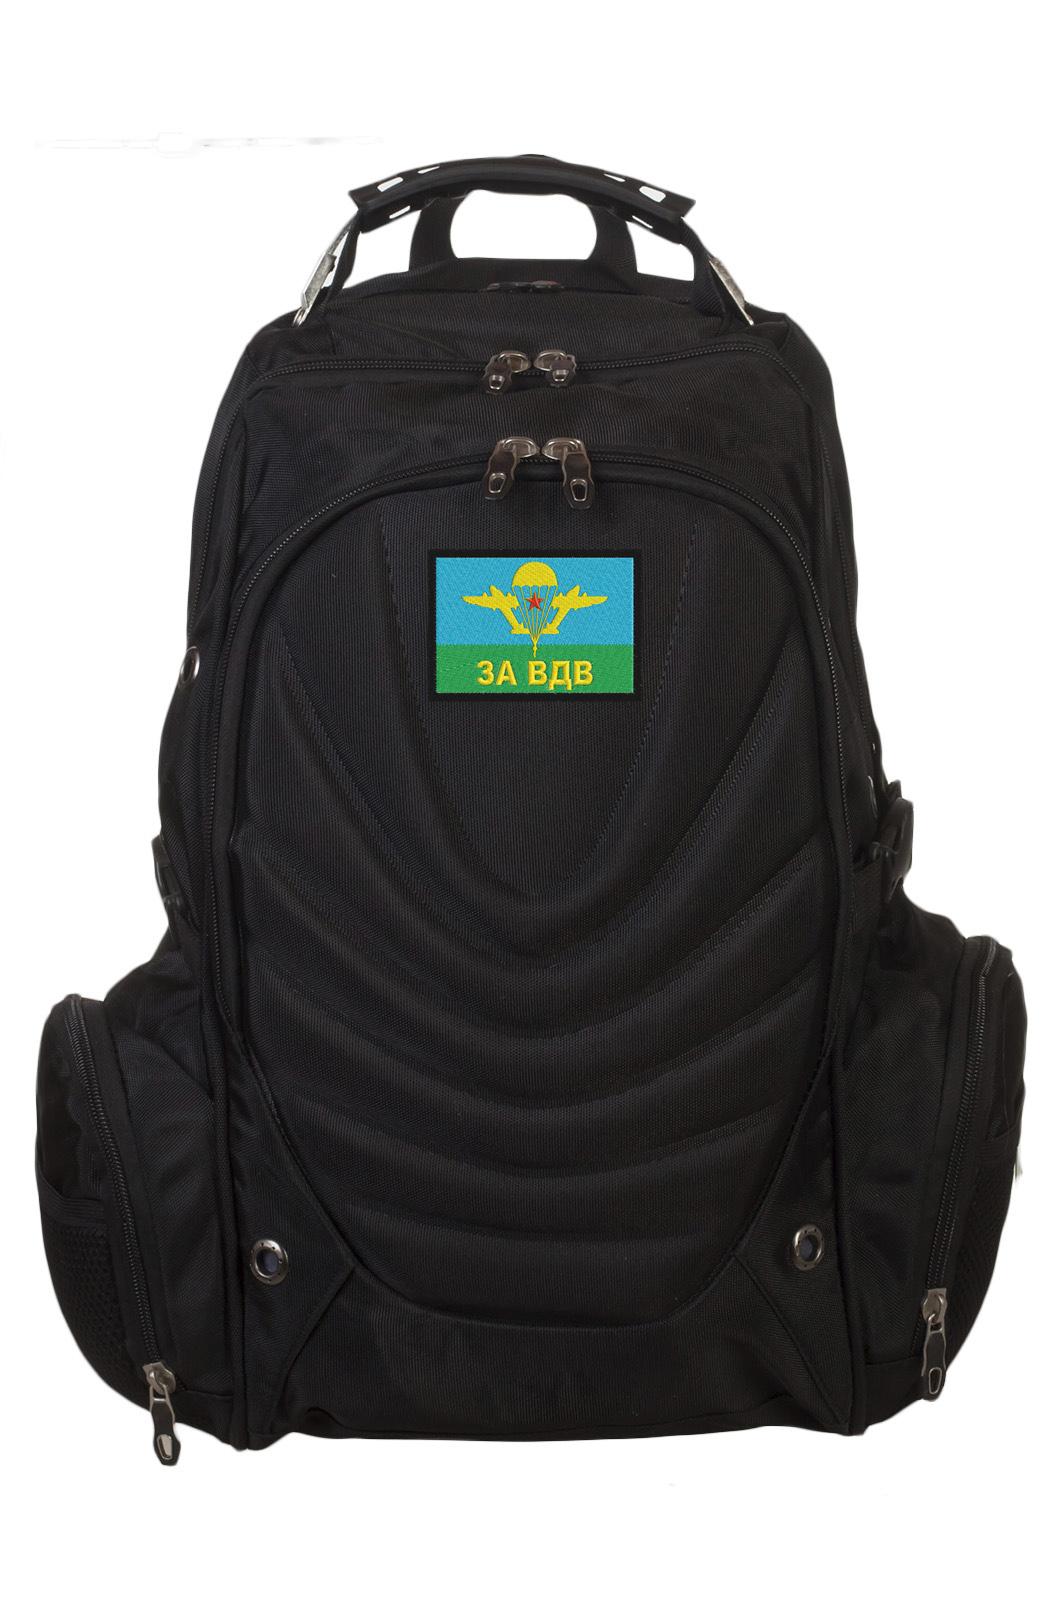 Вместительный надежный рюкзак с в нашивкой За ВДВ